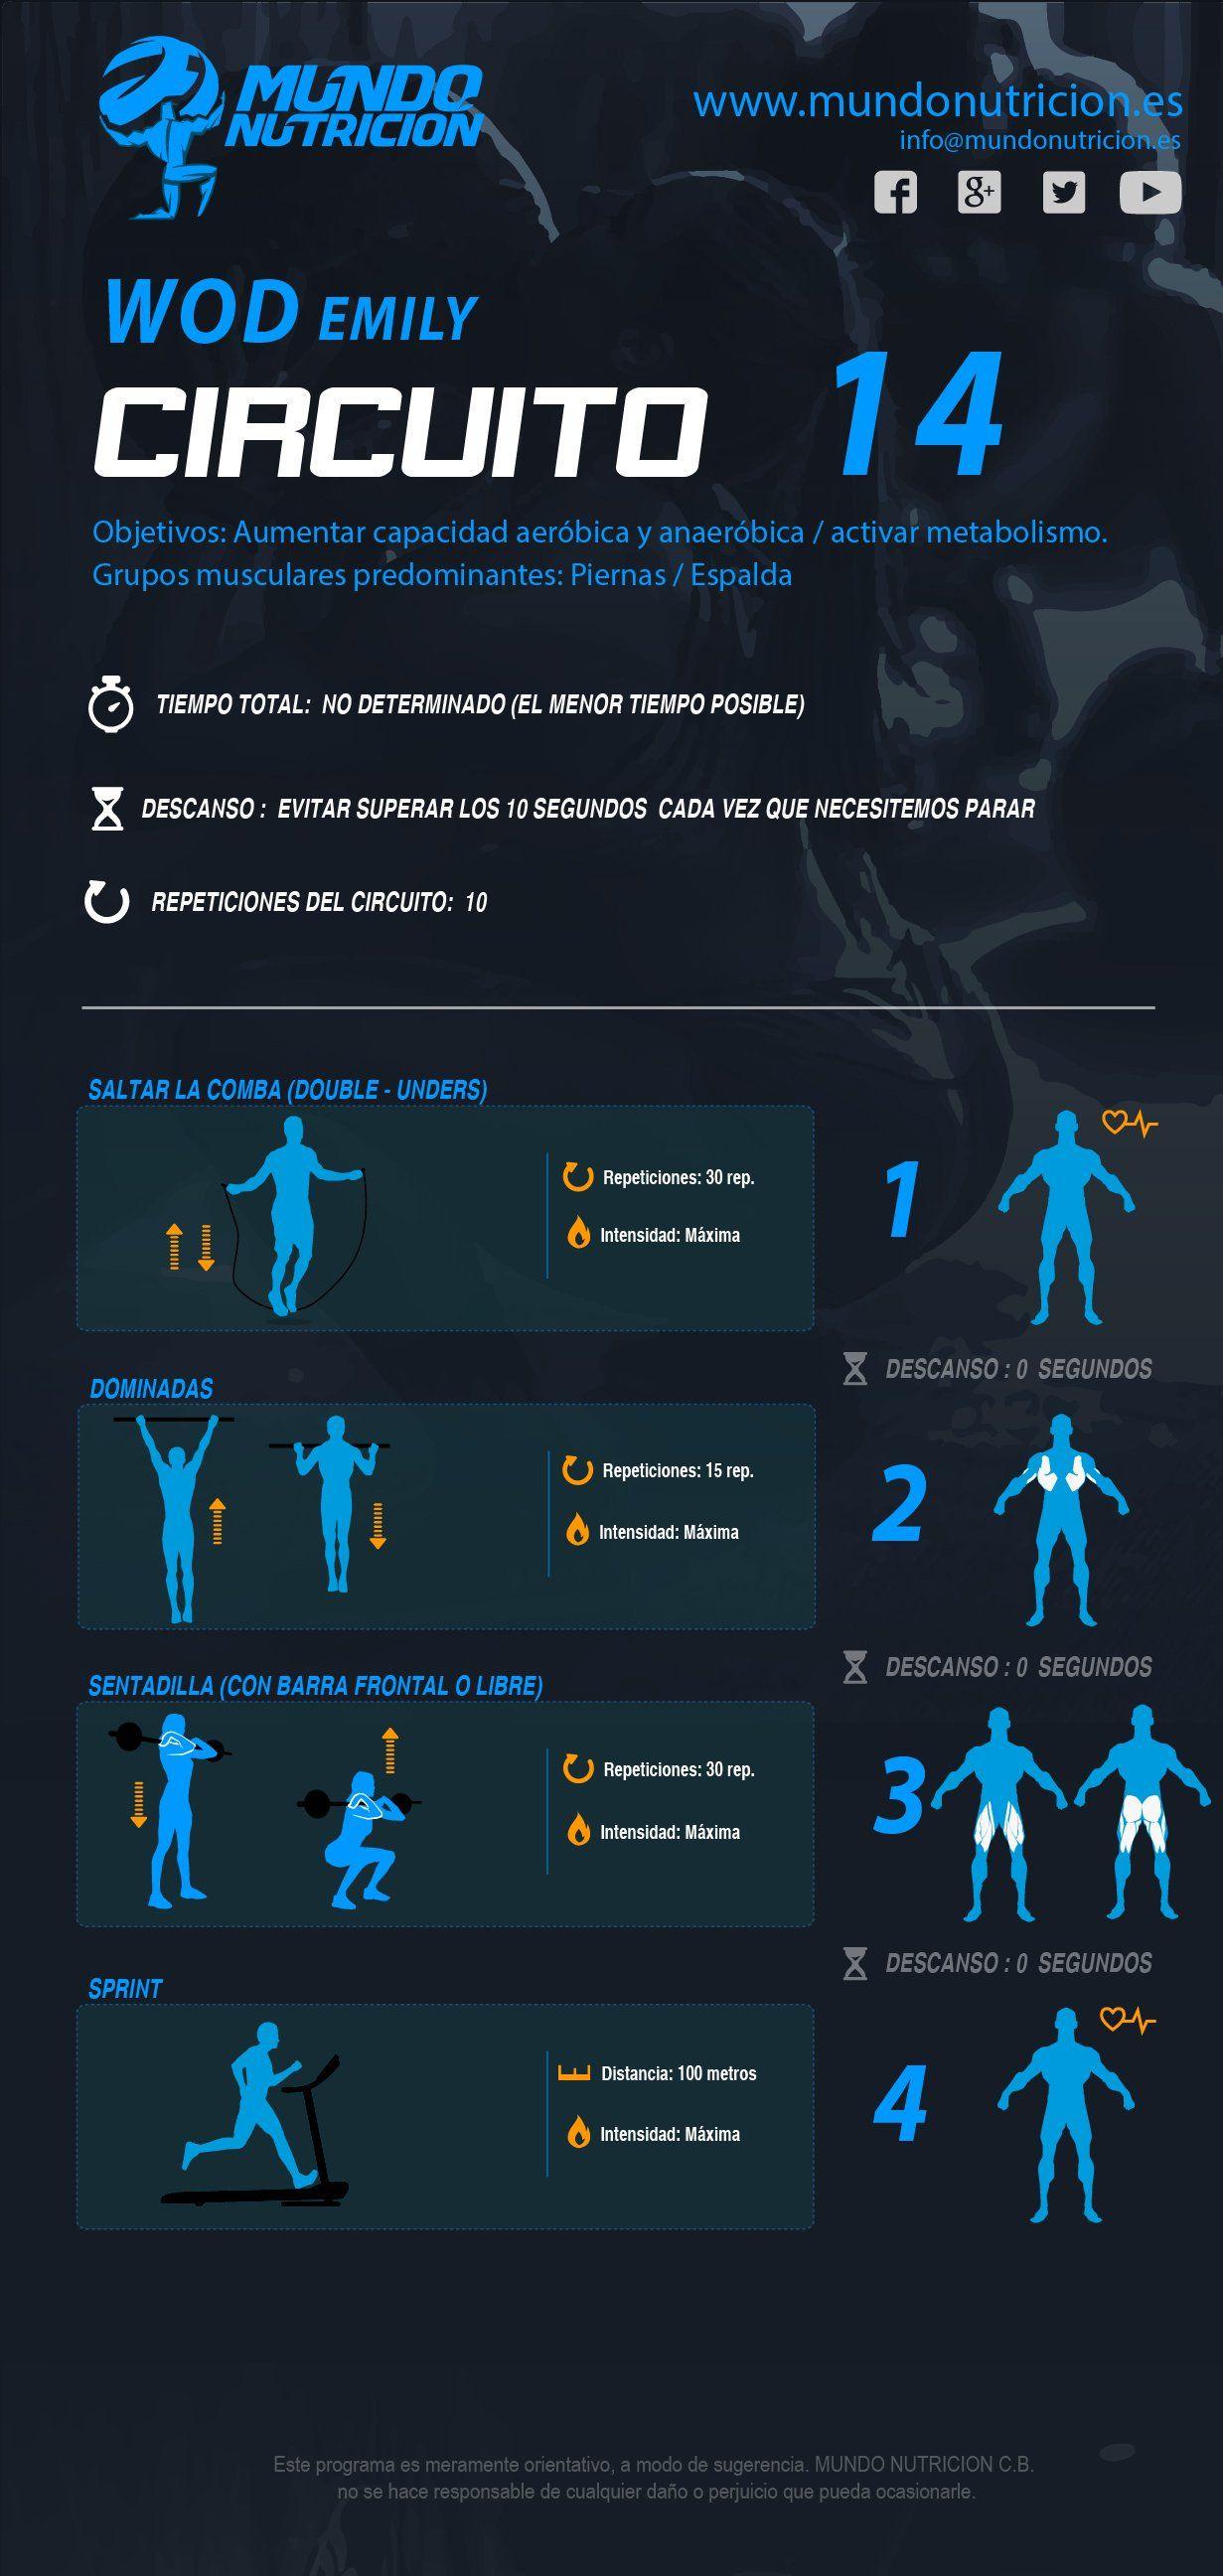 Circuito Gimnasio : Circuito para perder peso y eliminar grasa mundonutrición gym